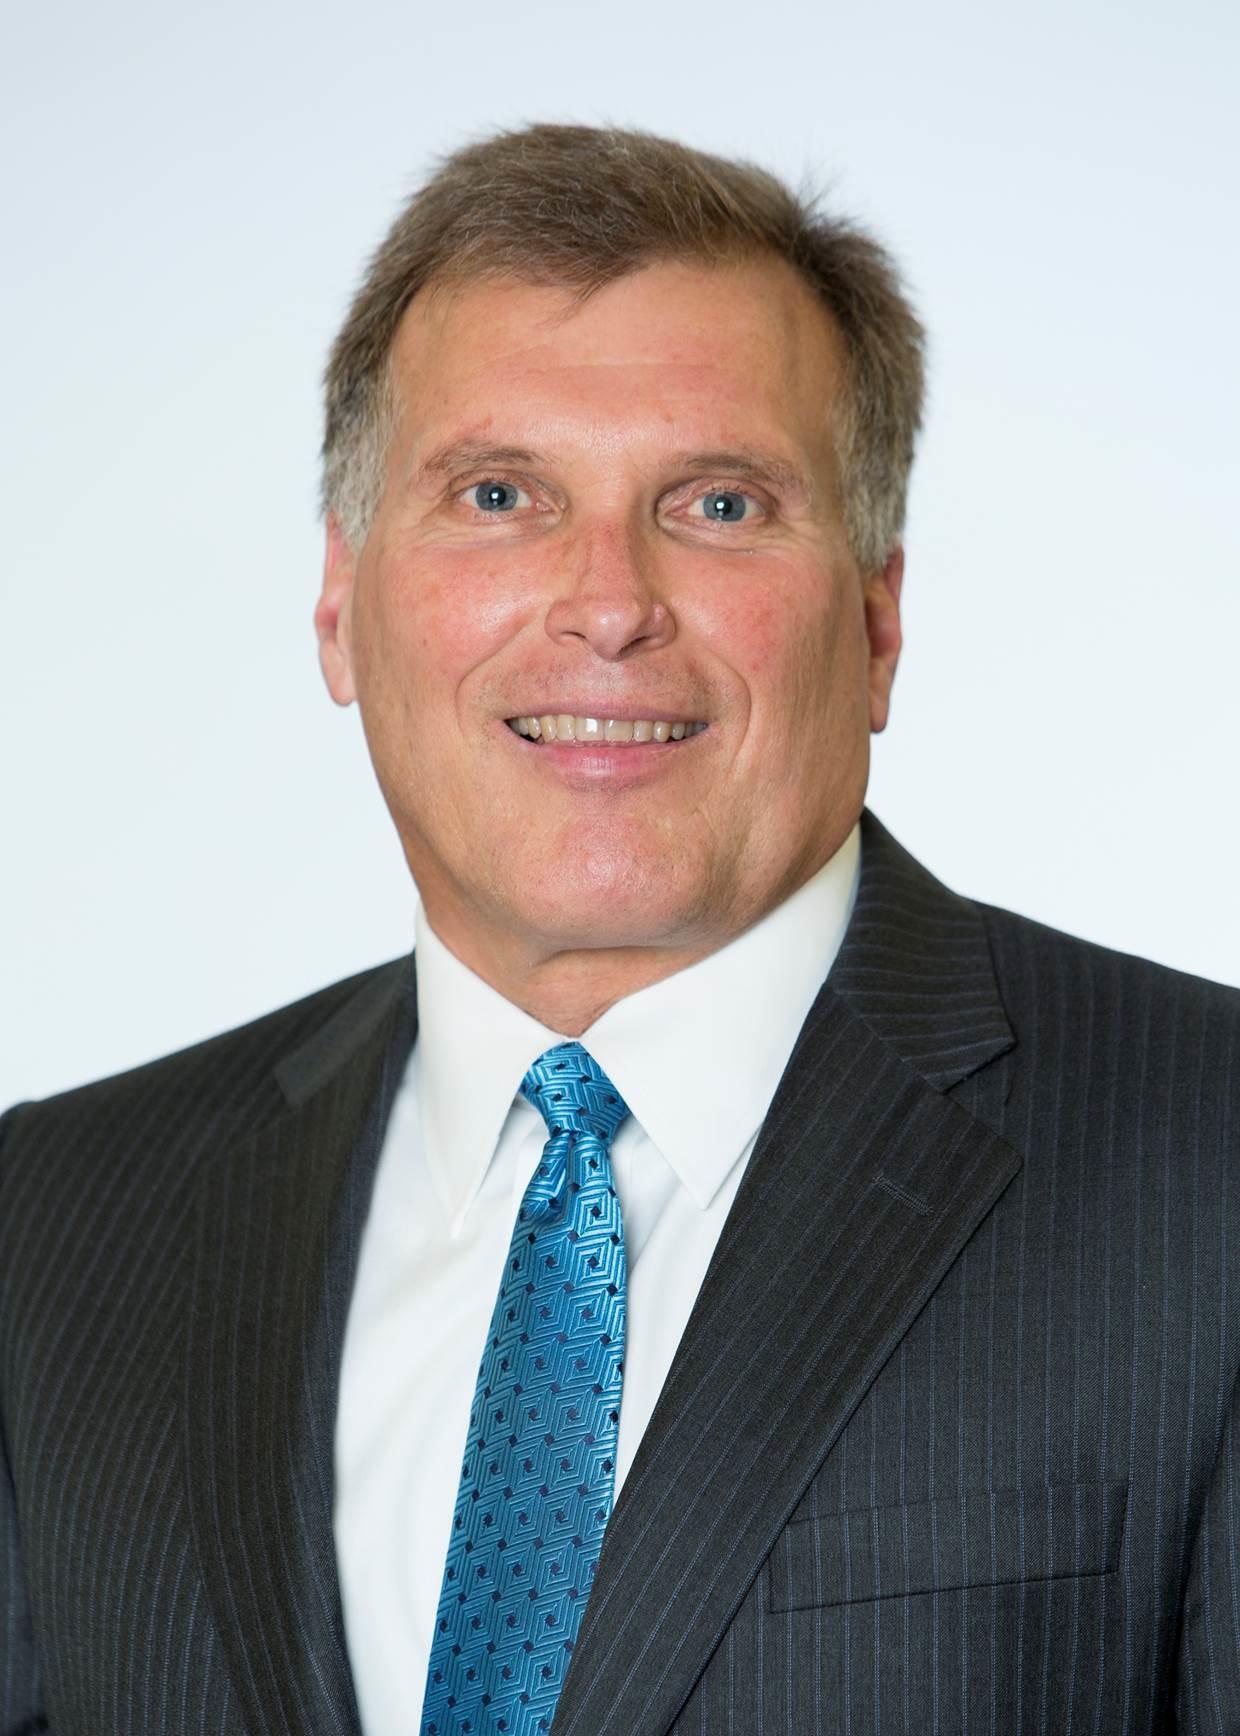 Robert Schneckenburger, Treasurer